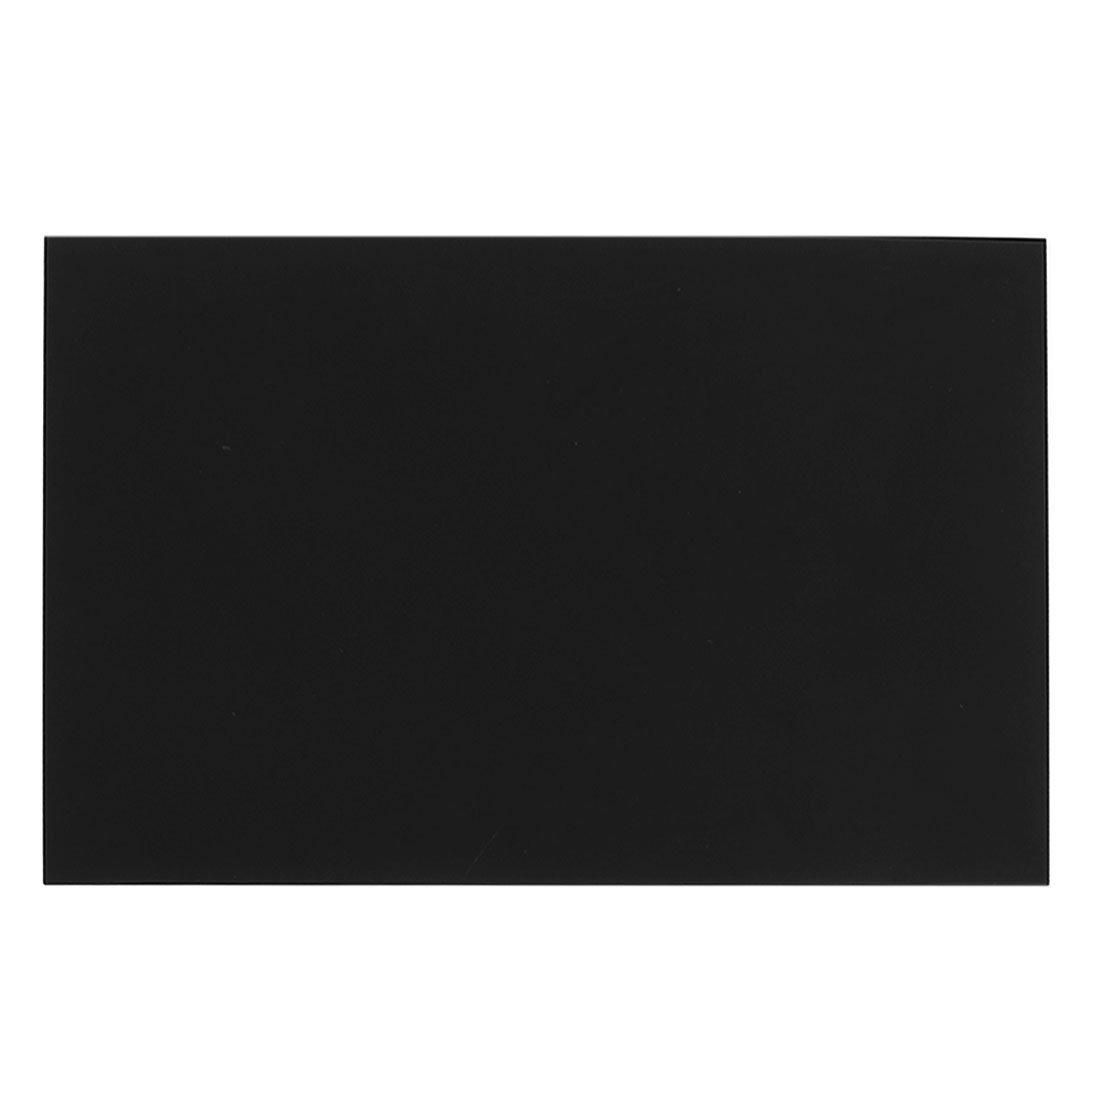 1mm plastique noir acrylique Plexiglas Cut Sheet A5 Taille 148mm x 210mm